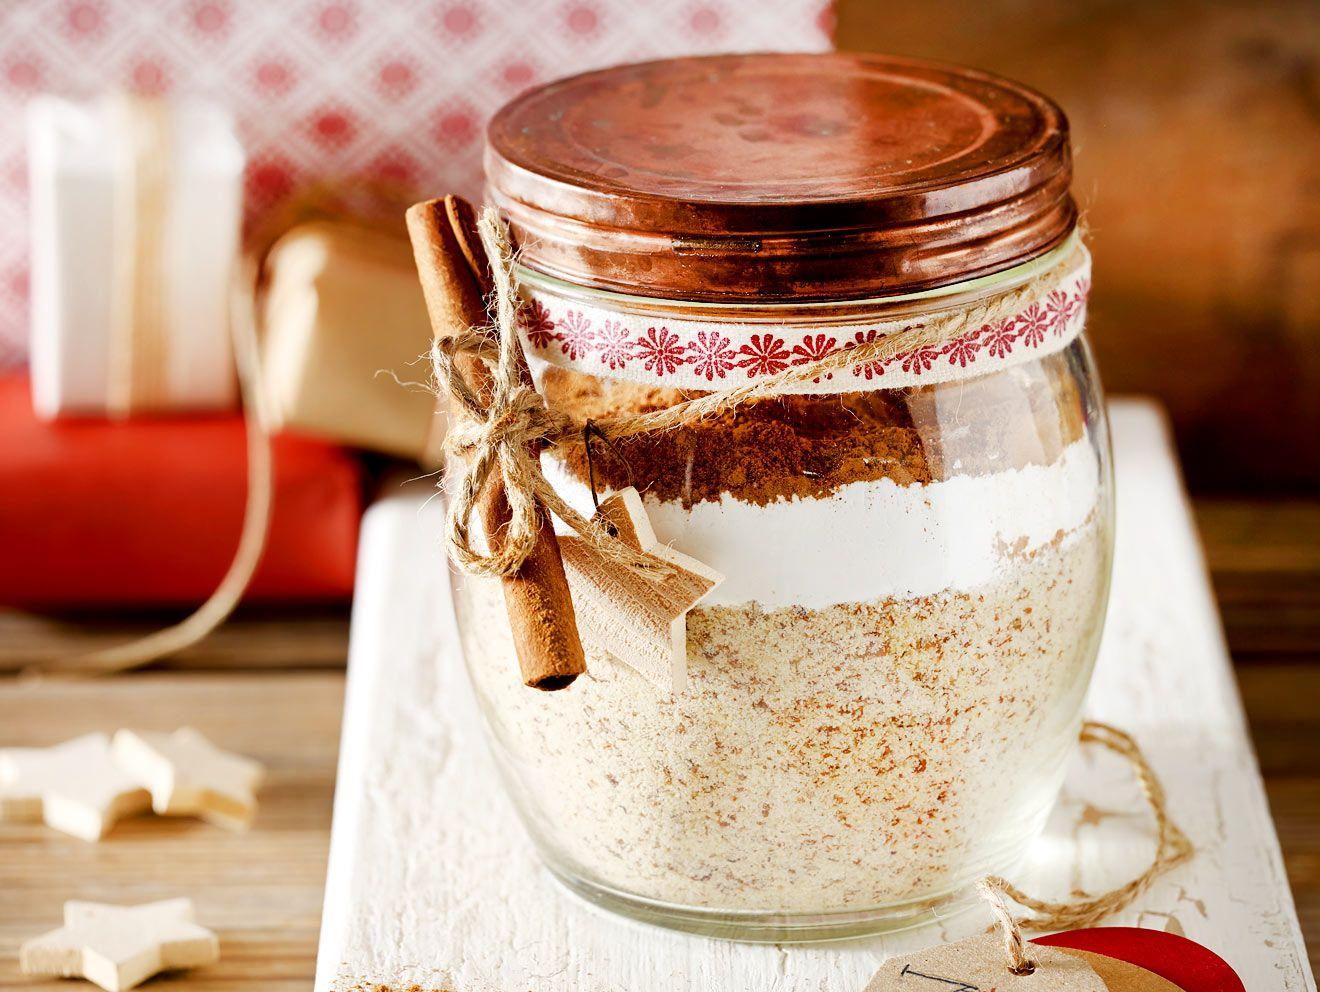 Top 5 Rezepte für Kleinigkeiten zu Weihnachten #kleinigkeitenweihnachten